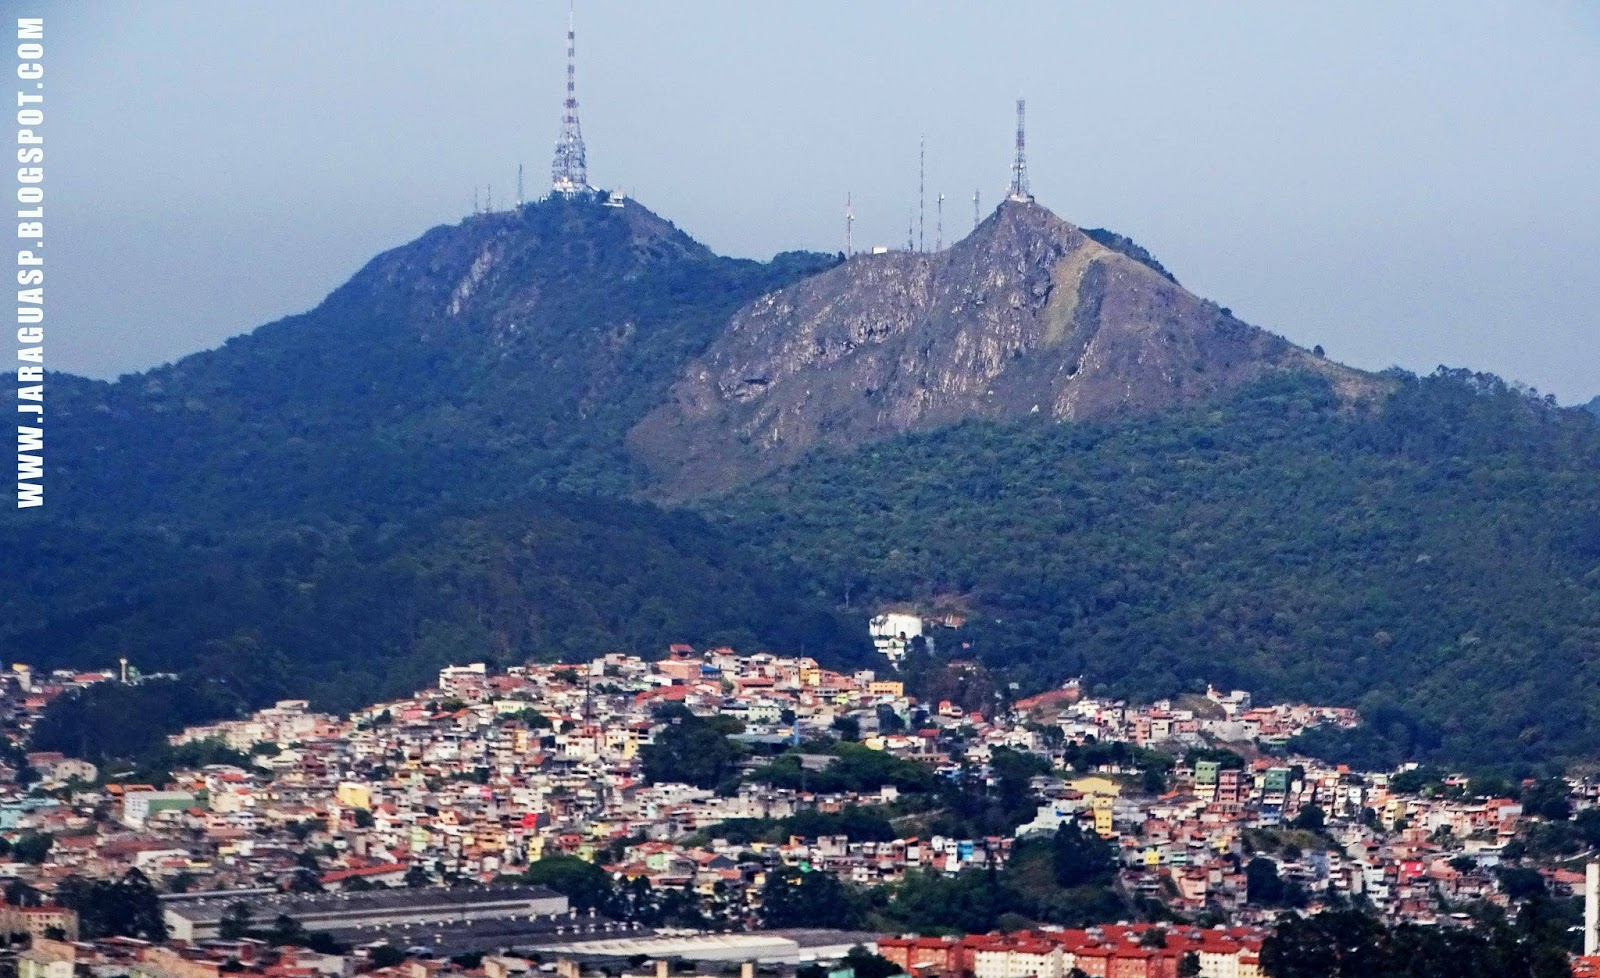 """O Jaraguá ocupa a 77ª posição entre os 96 distritos de São Paulo no quesito """"Índice de Desenvolvimento Humano (IDH)"""". Foto: Marinaldo Gomes Pedrosa"""